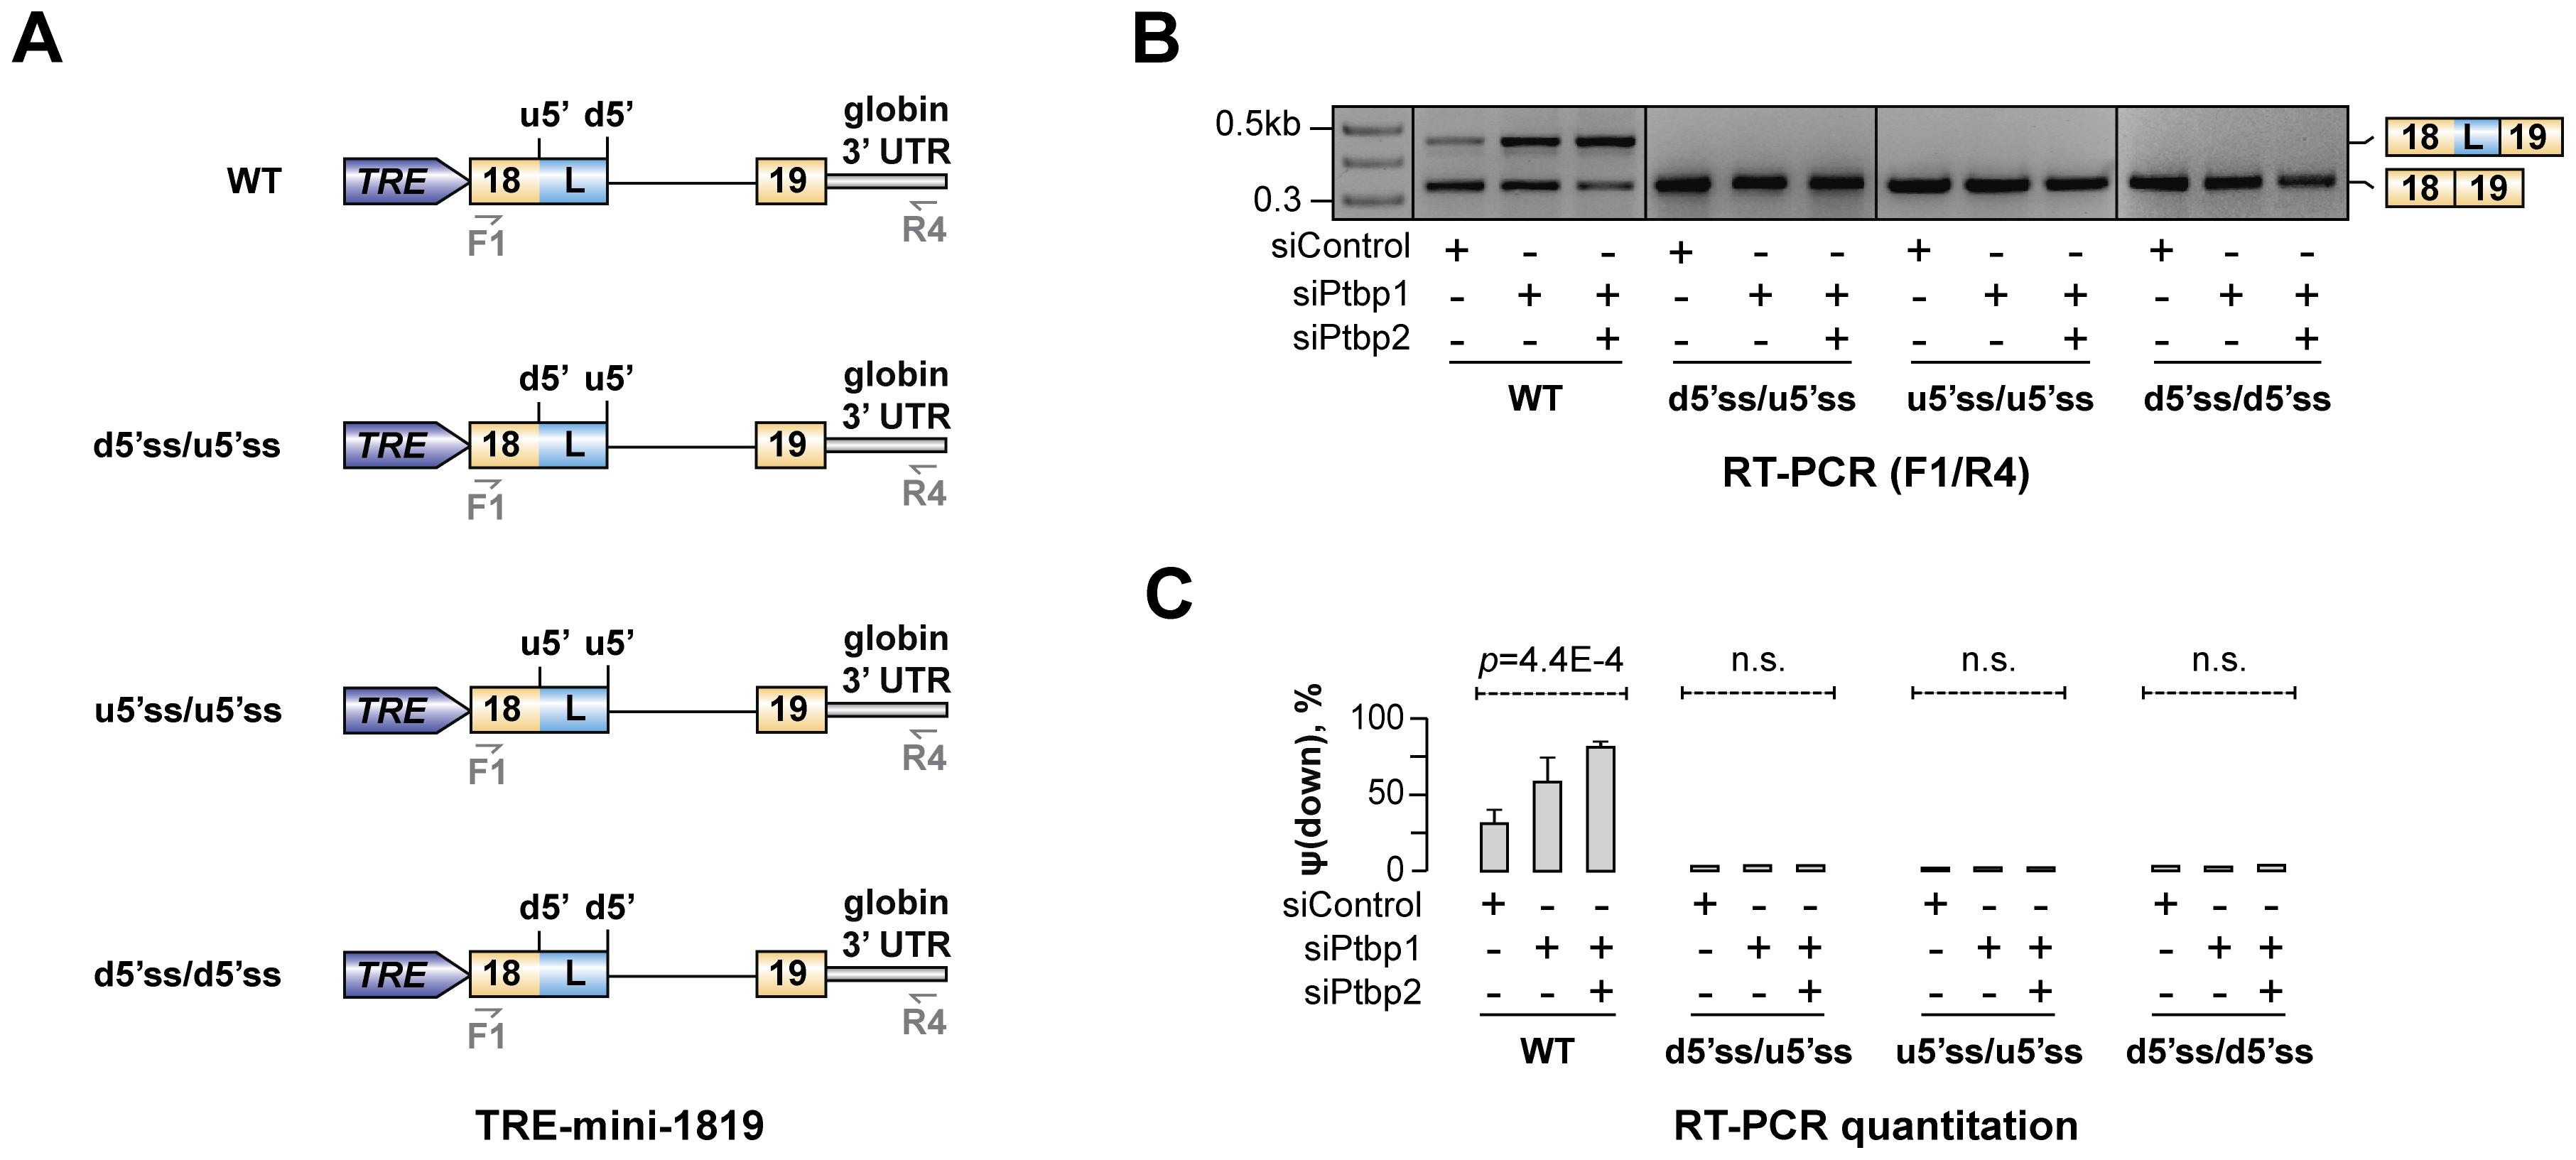 Hps1 regulation depends on u5′ss being weaker than d5′ss.